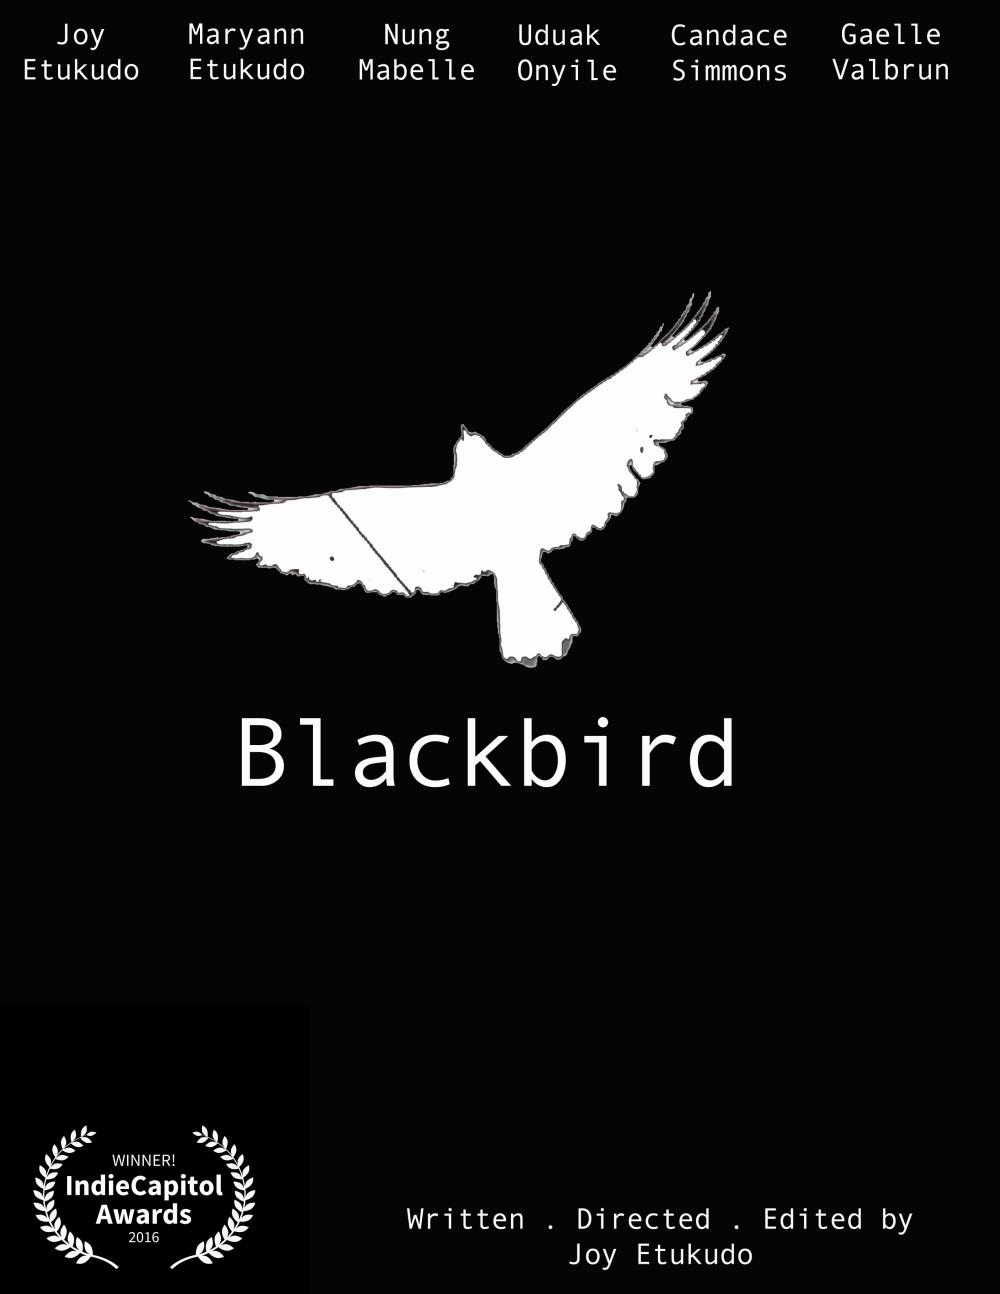 blackbirdposter